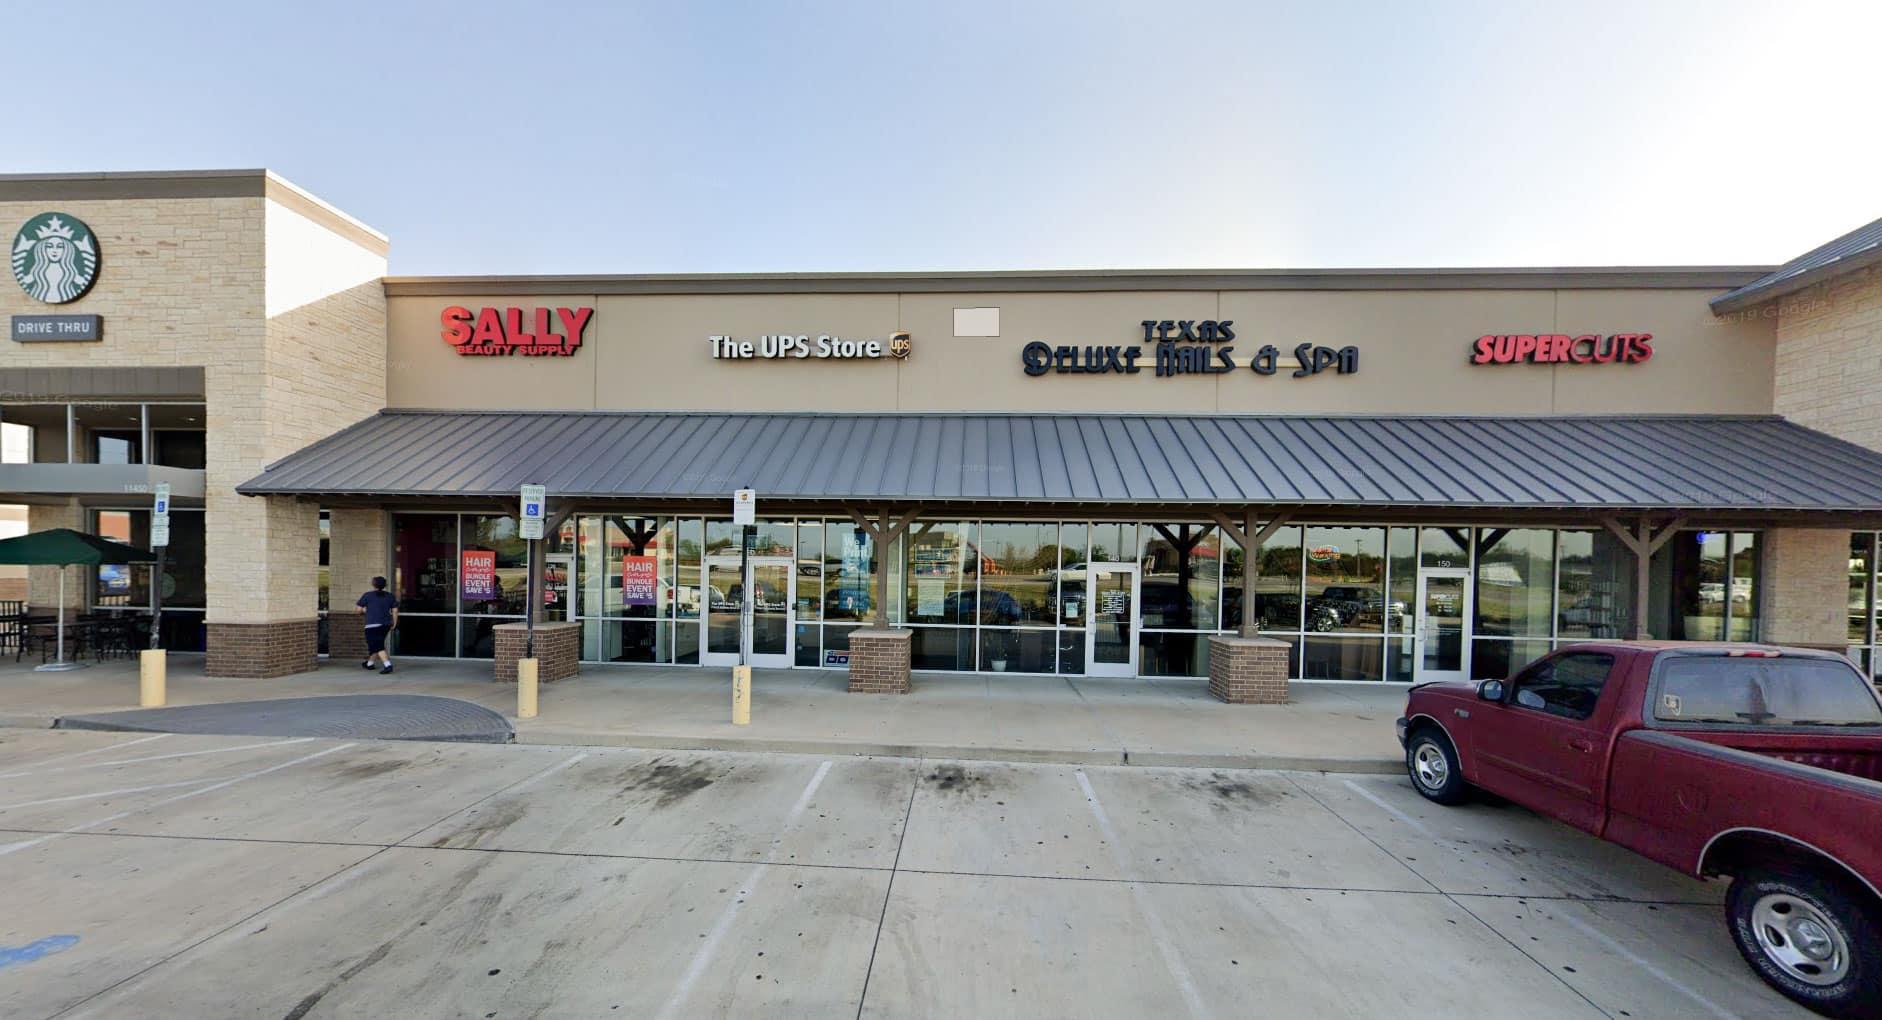 Cần tuyển thợ nail xuyên bang – Cross Roads, TX-76227